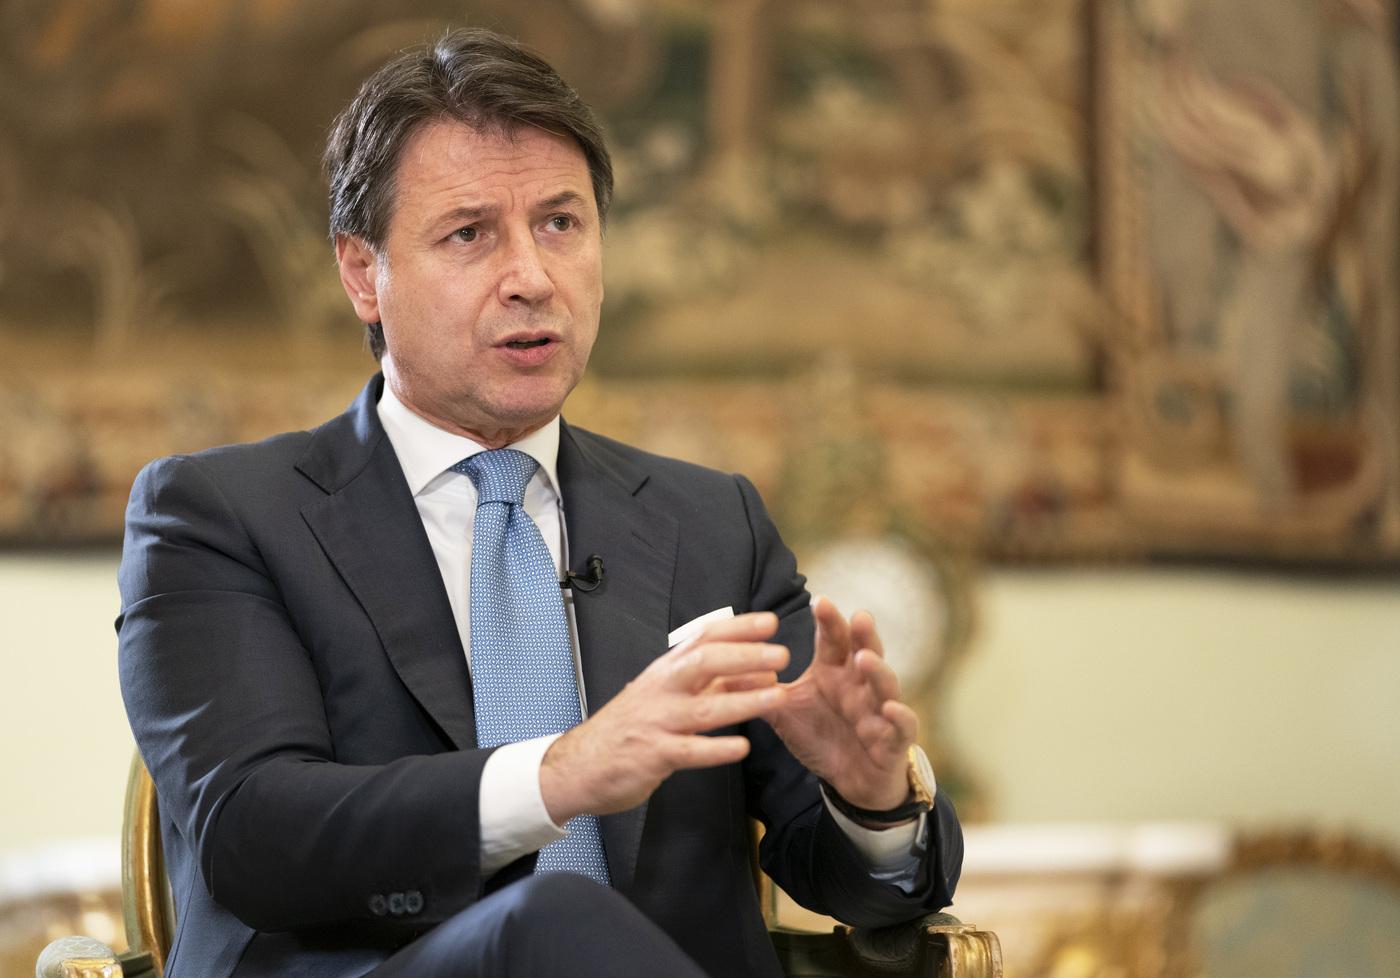 Palazzo Chigi, Giuseppe Conte durante un'intervista sull'emergenza Coronavirus